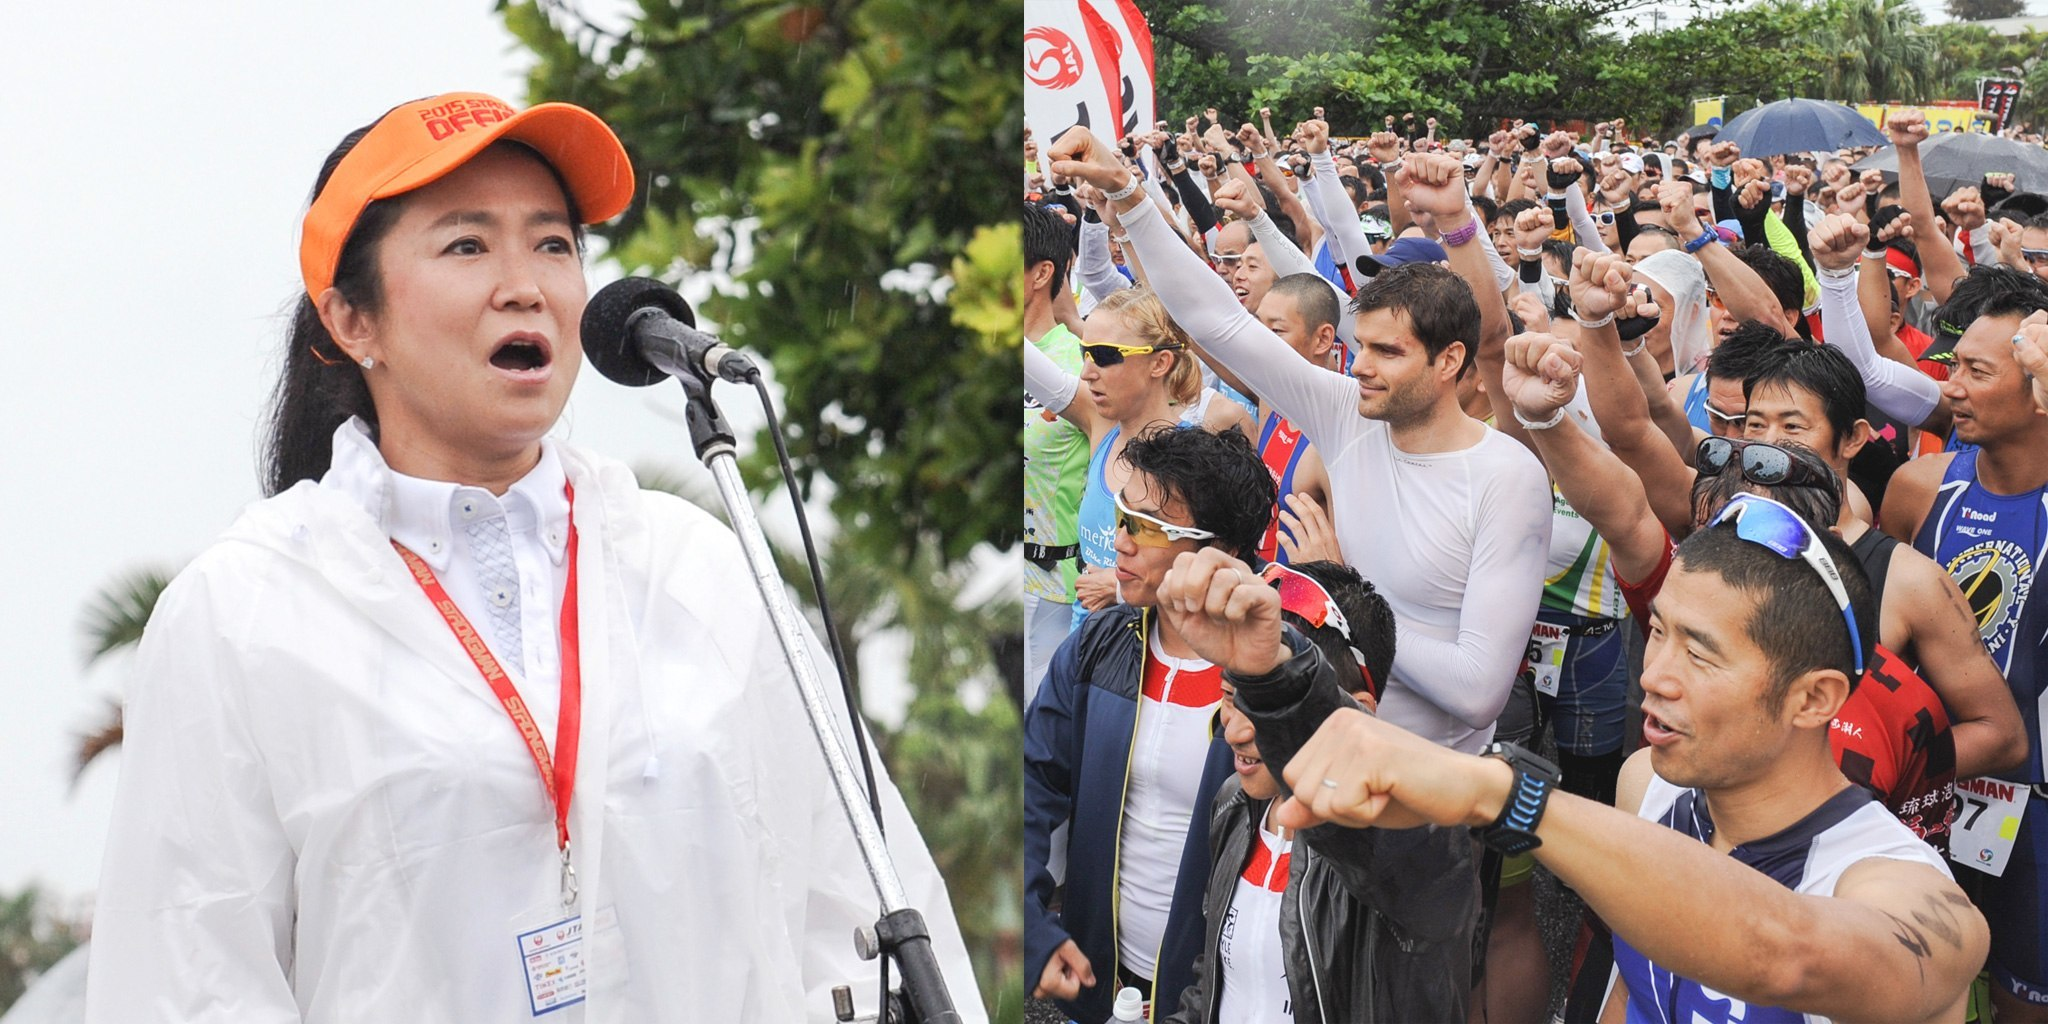 世界的オペラ歌手の中丸三千繪さんが国家を歌う